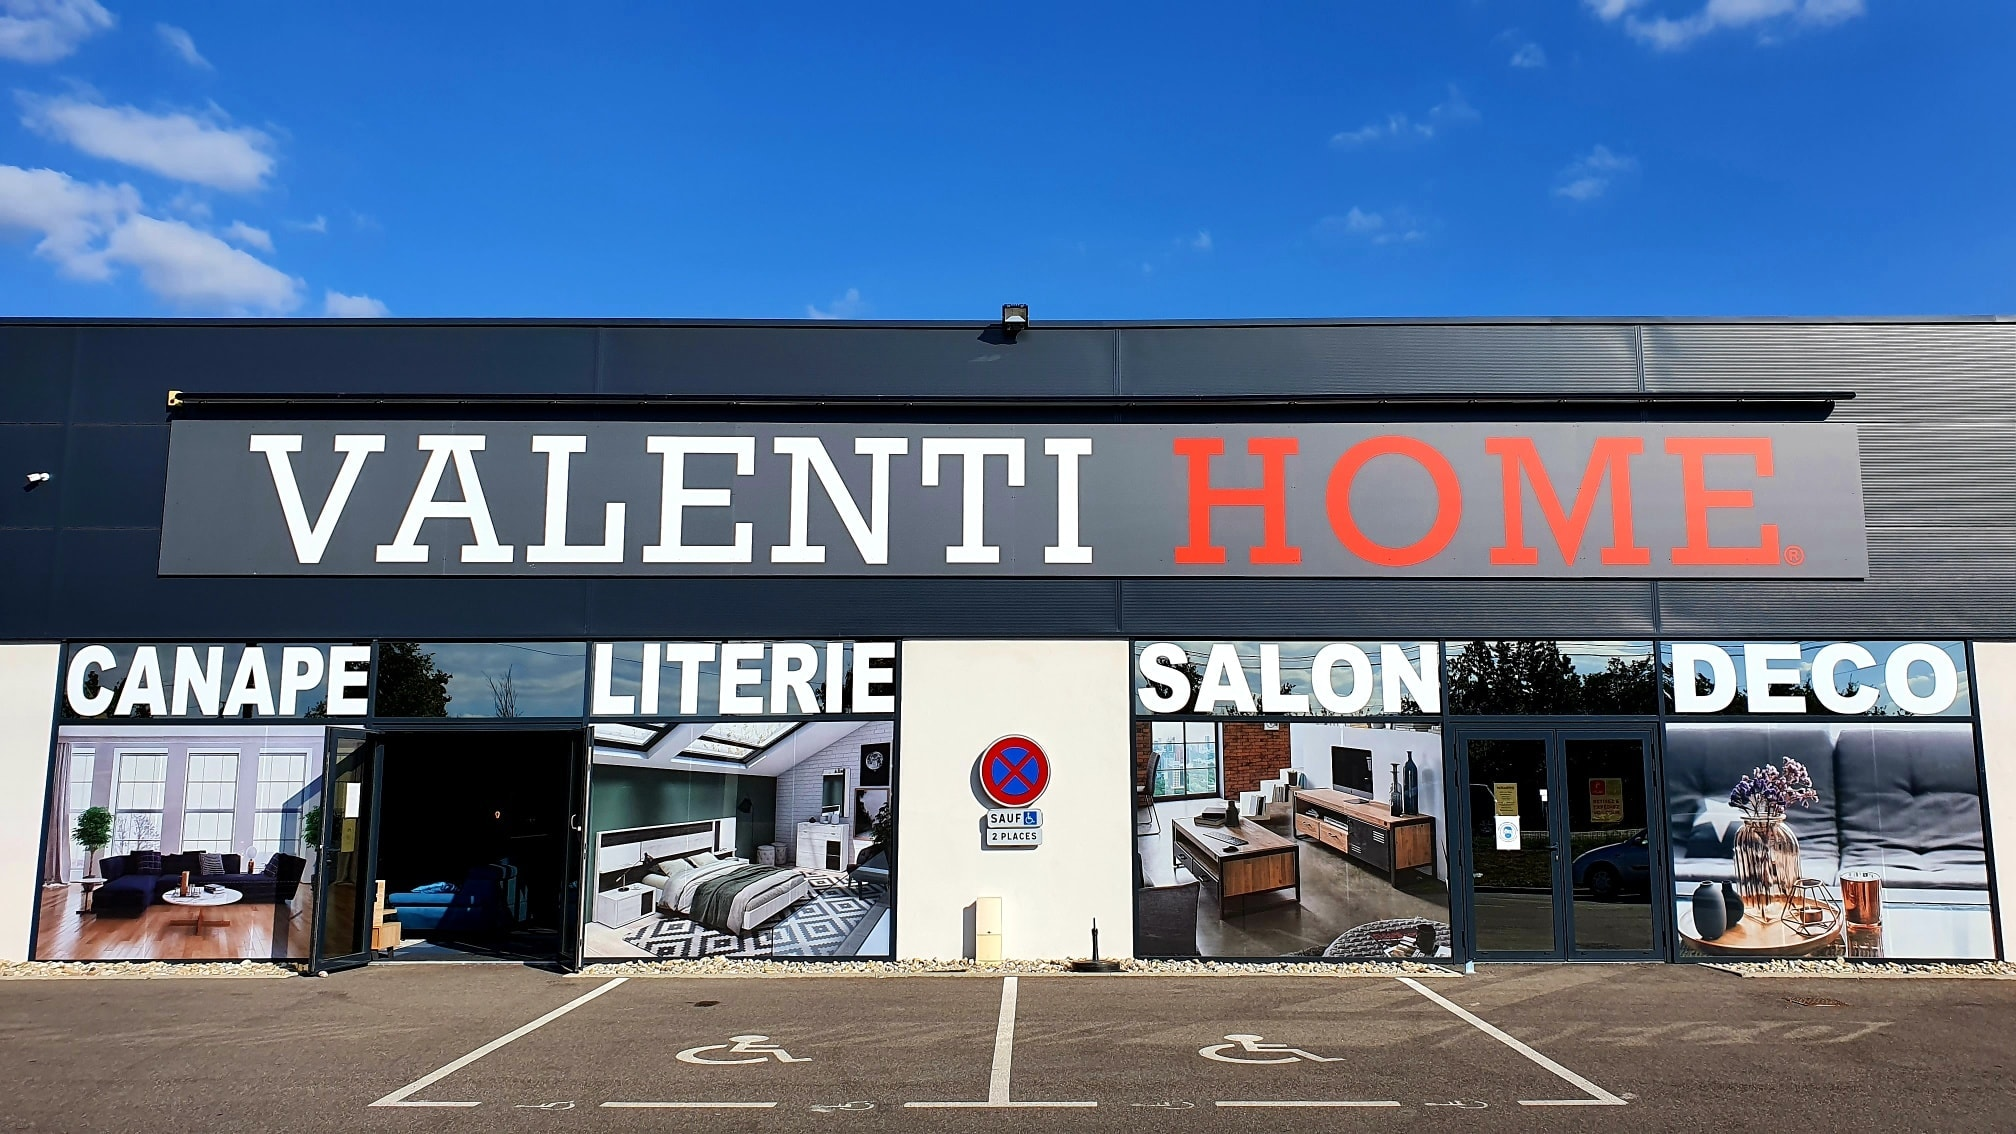 Valenti Home, magasin de literie, meubles et canapés